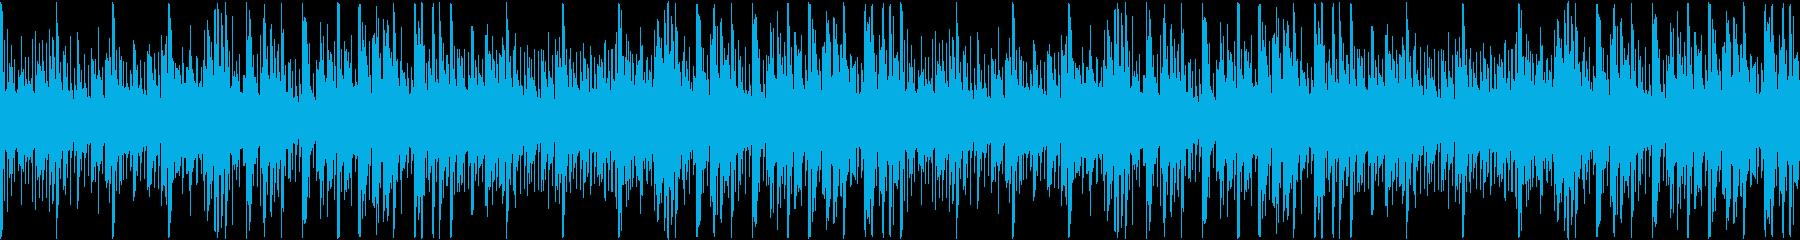 宇宙的なほのぼのエレクトロ サウンドロゴの再生済みの波形